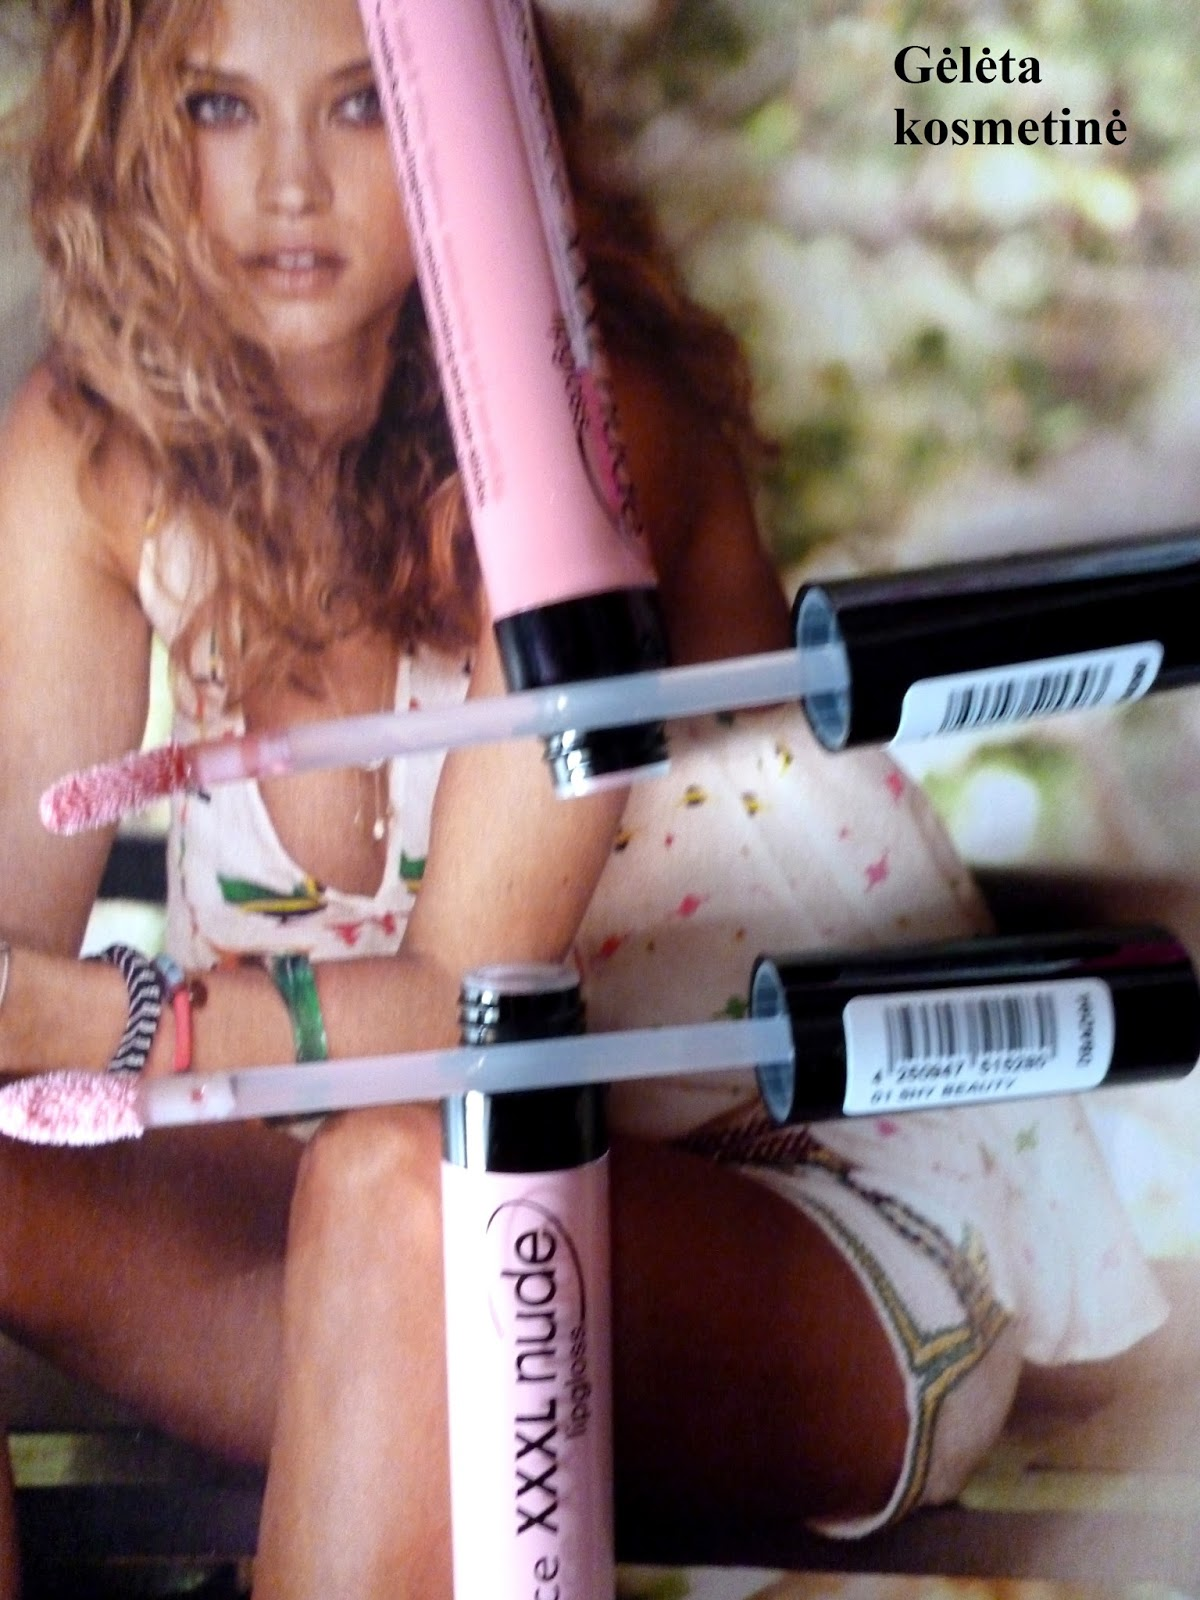 Essence xxxl nude l p blizgesys 01 shy beauty ir 03 for Naked ir